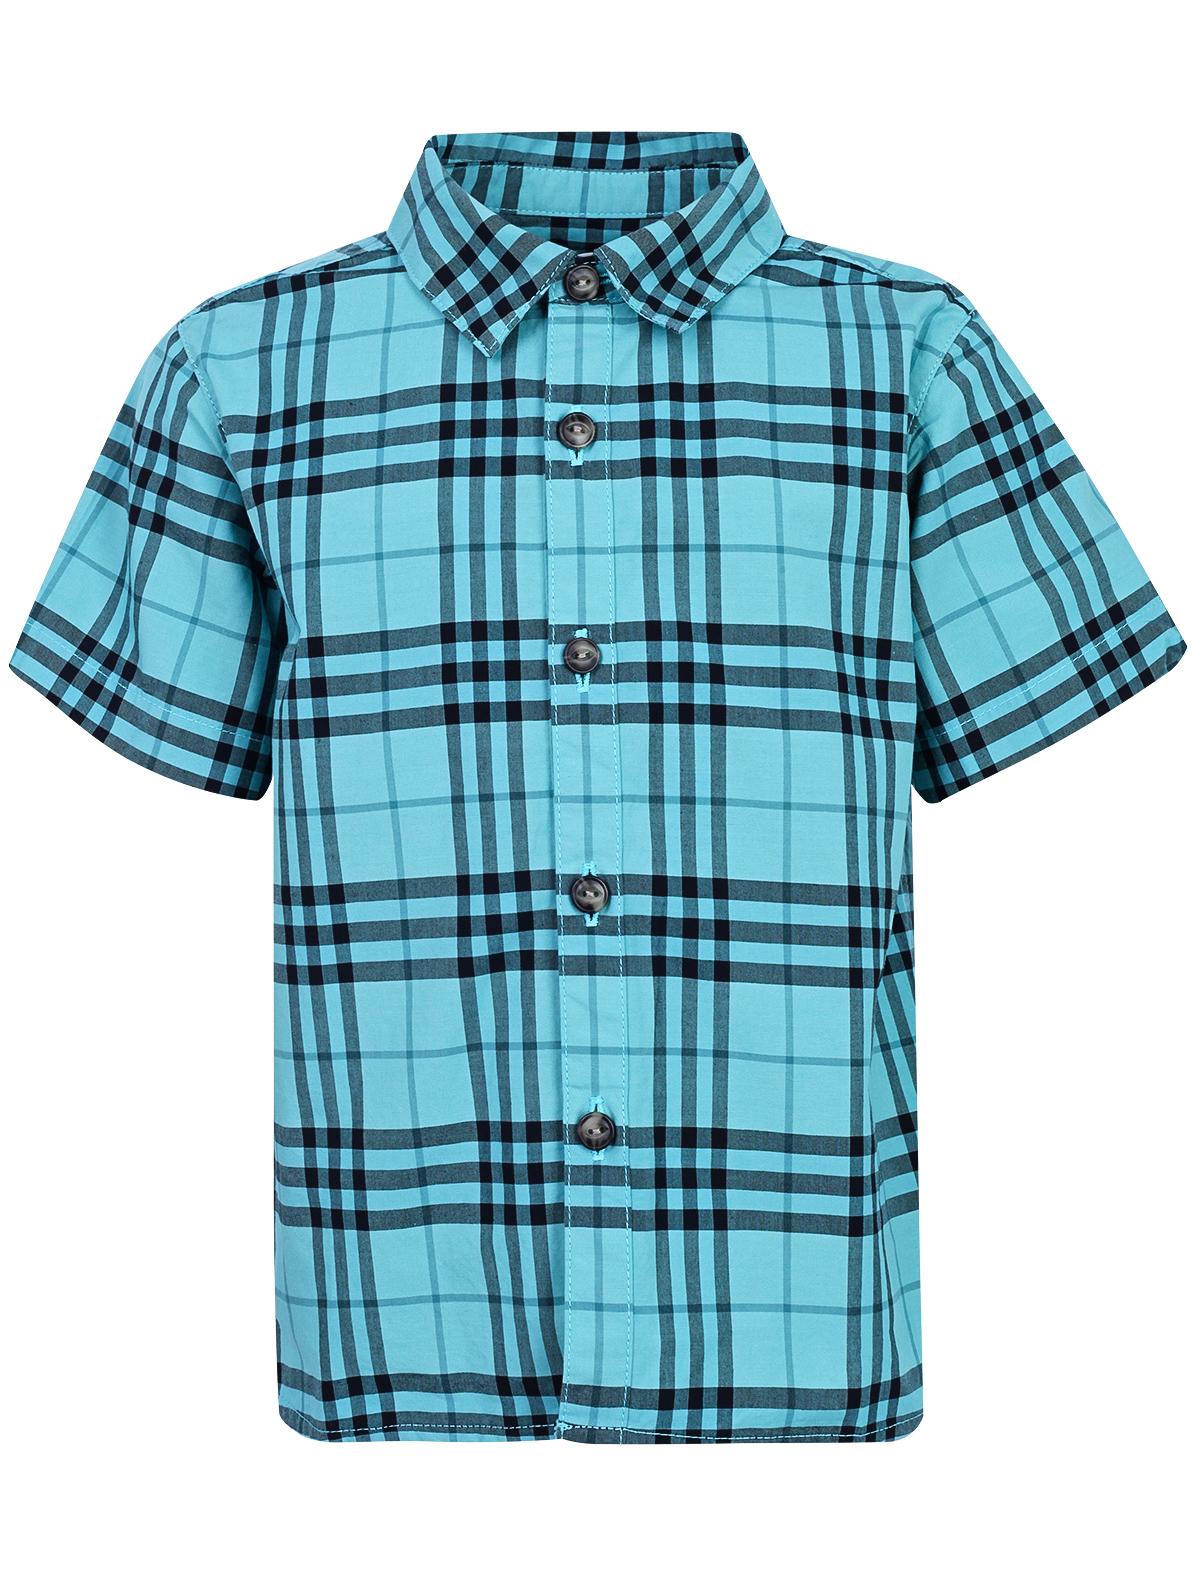 Купить 1955911, Рубашка Burberry, разноцветный, Мужской, 1012219971452